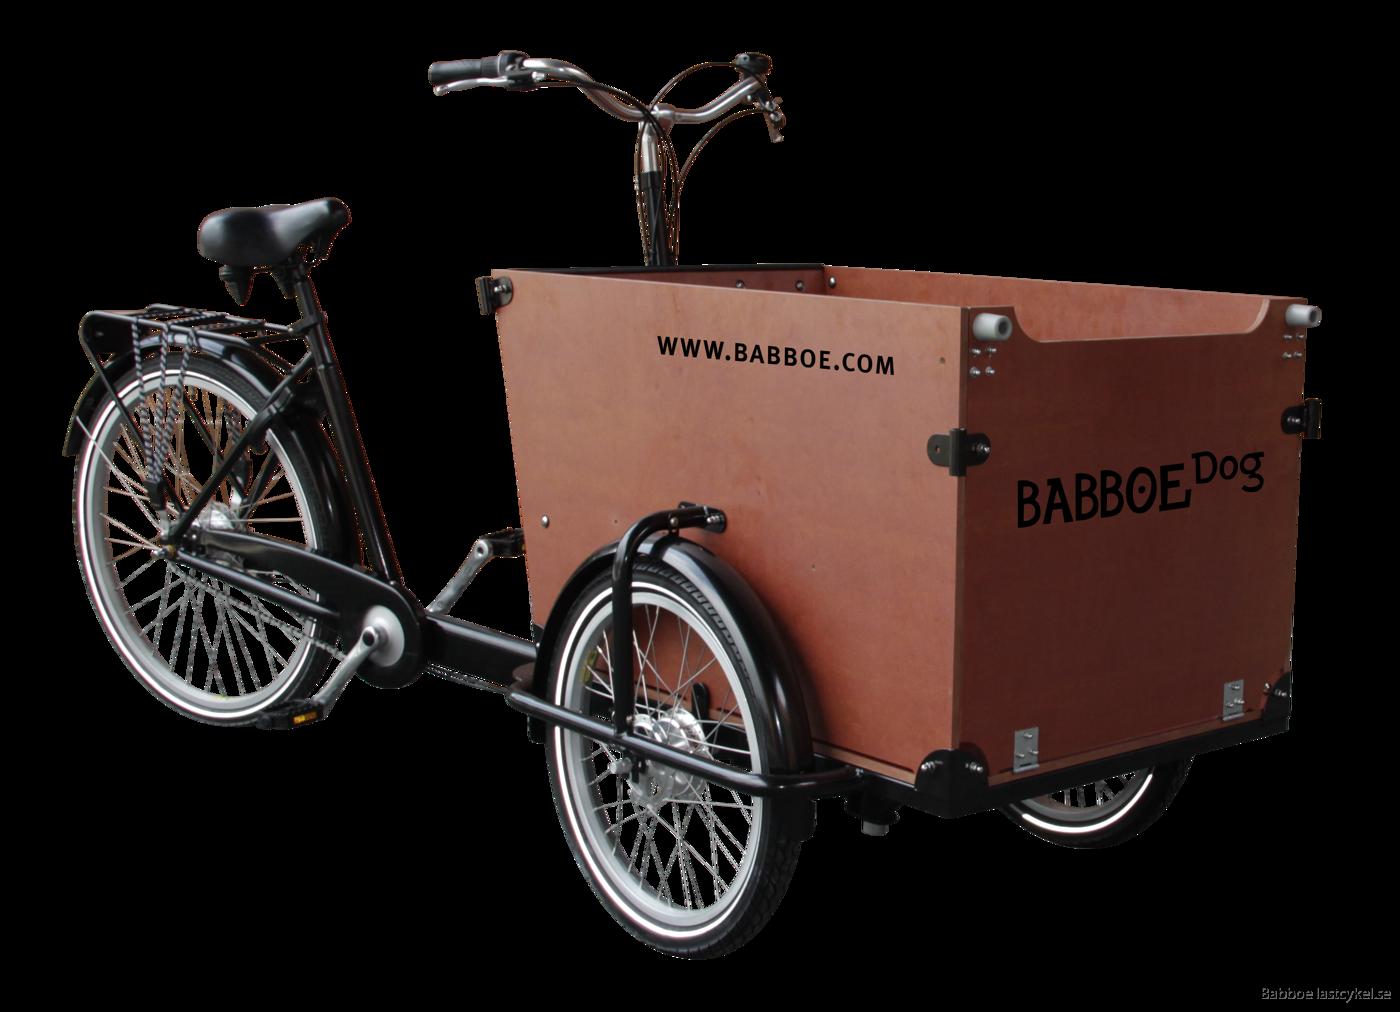 babboe dog brun